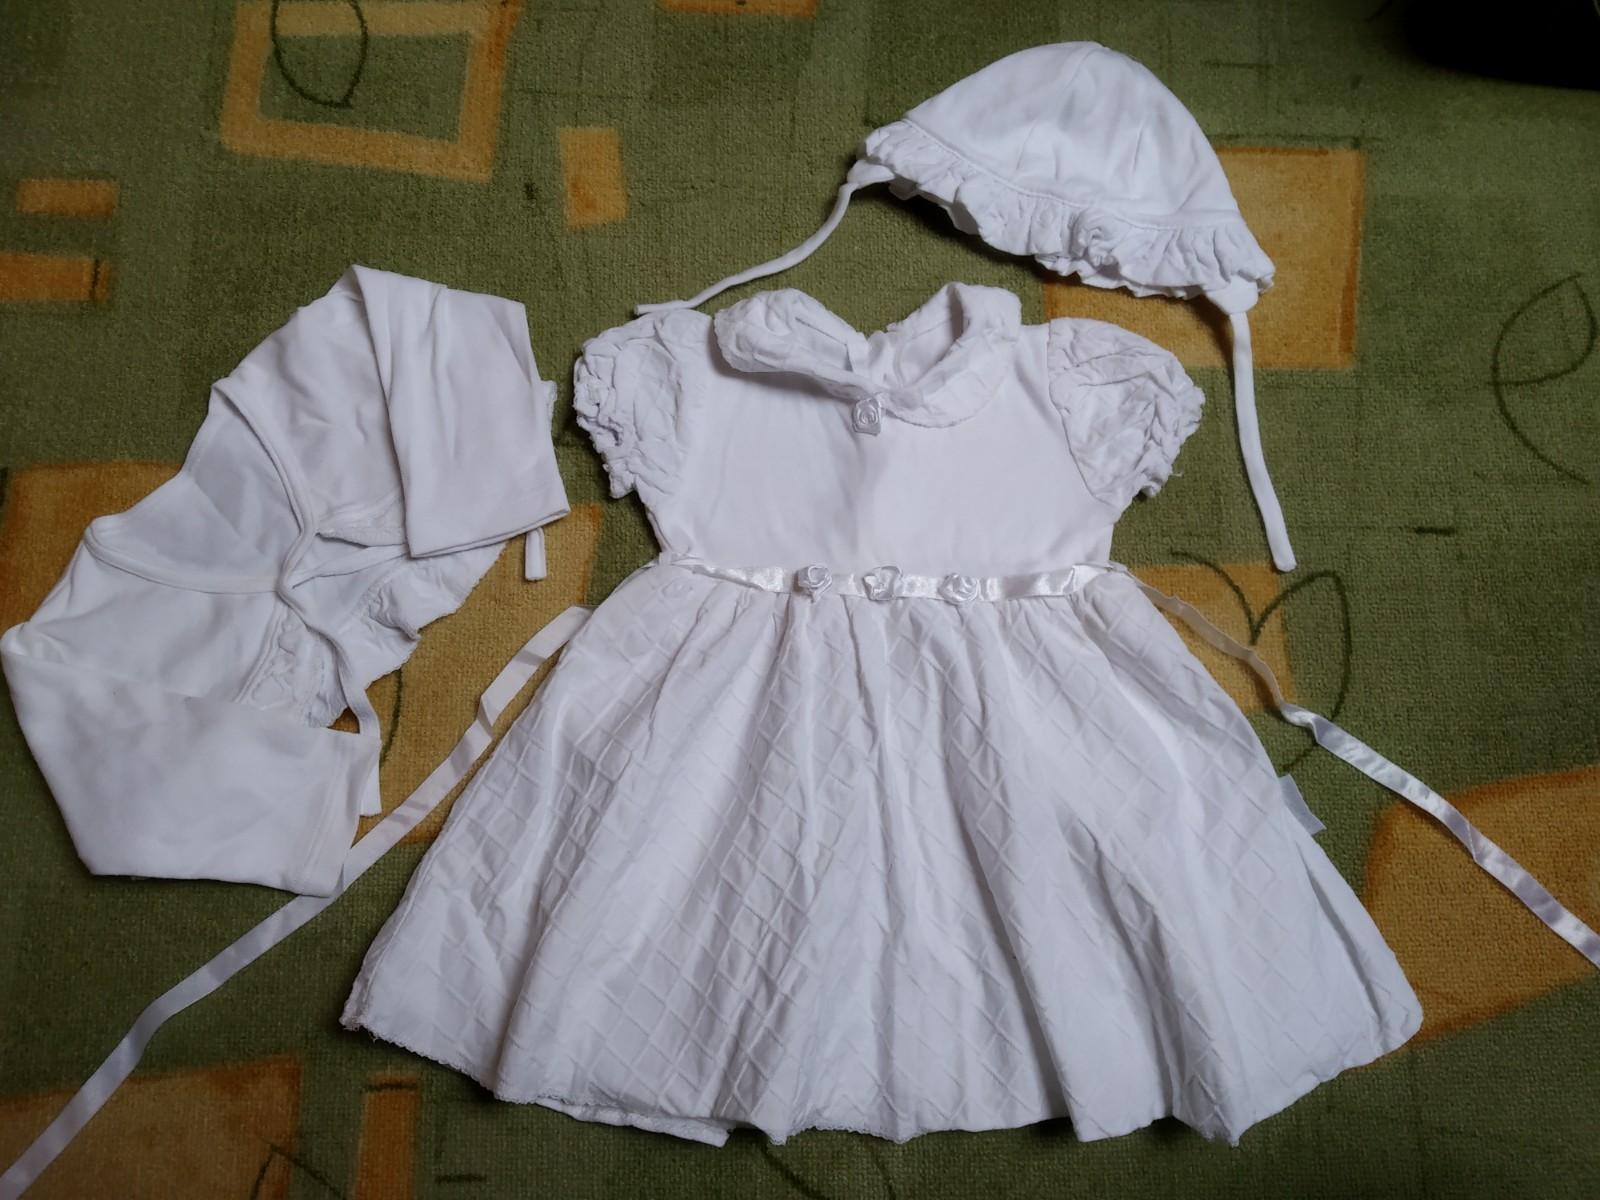 Šaty pro družičku, vel. 80  - Obrázek č. 1